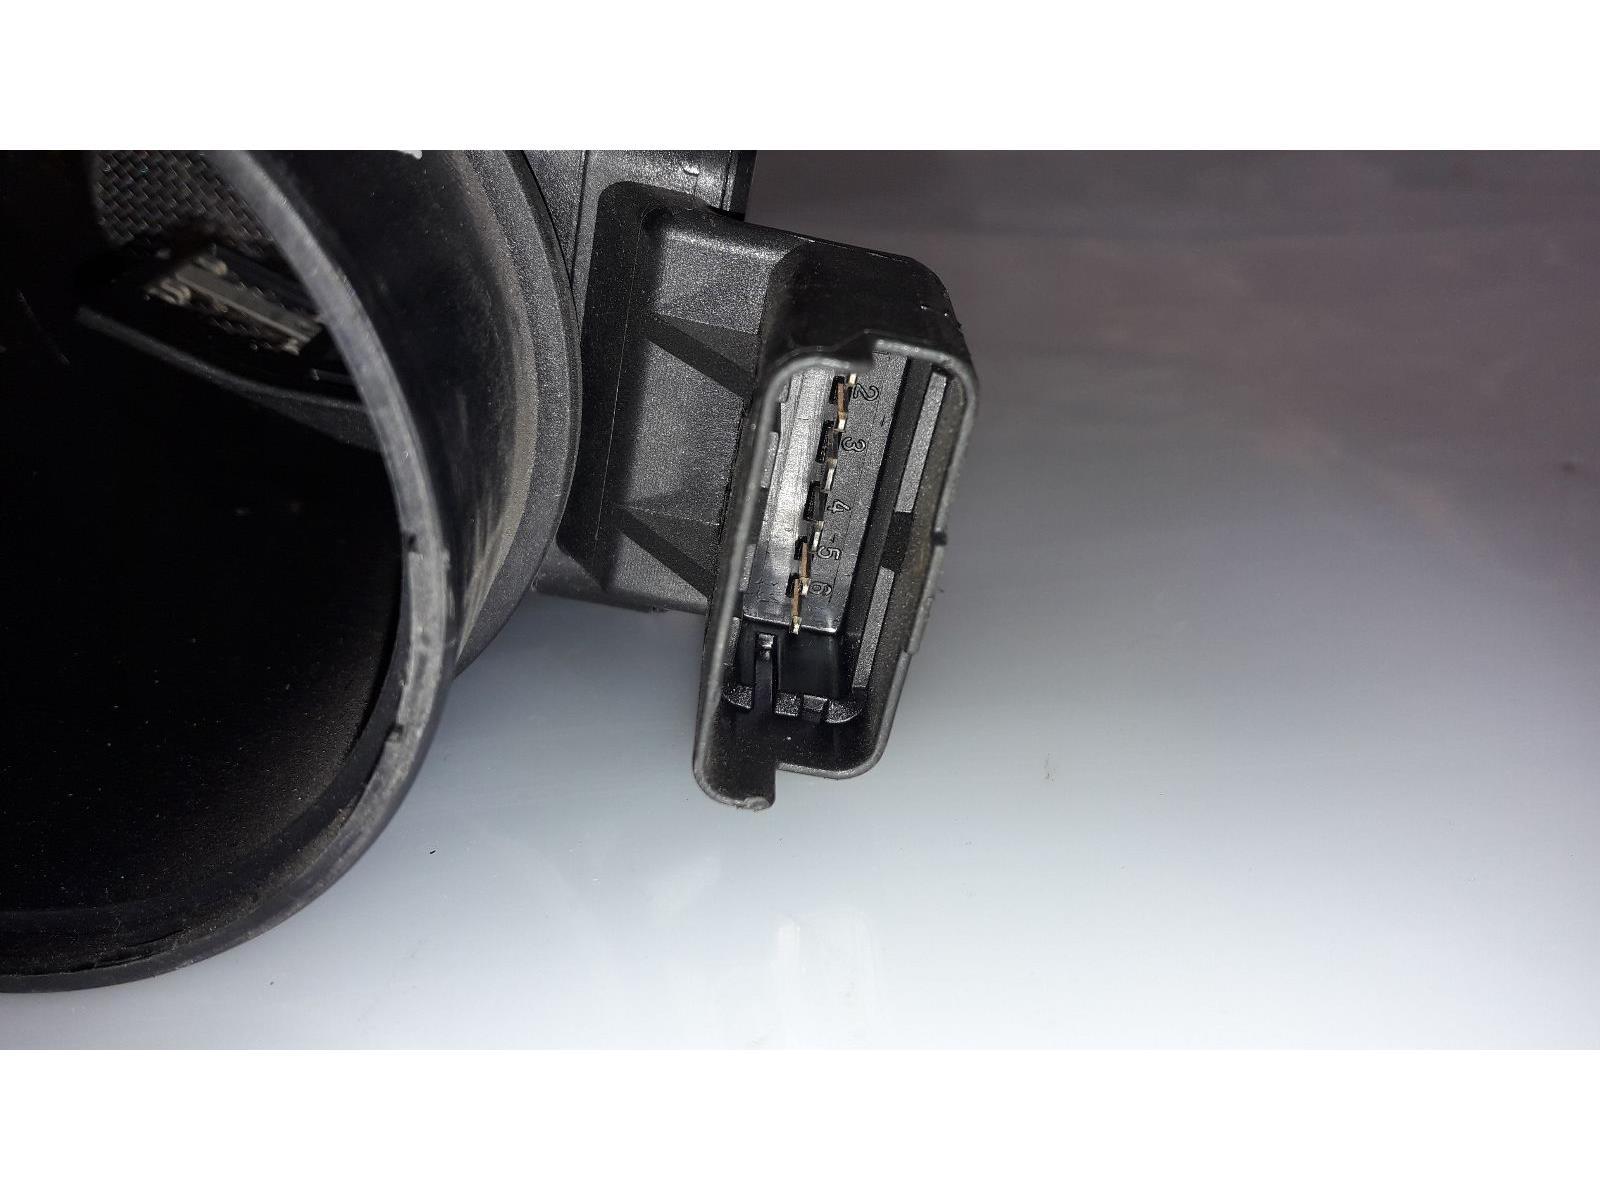 Renault Laguna 2005 To 2007 Air Filter Flow Meter (Diesel